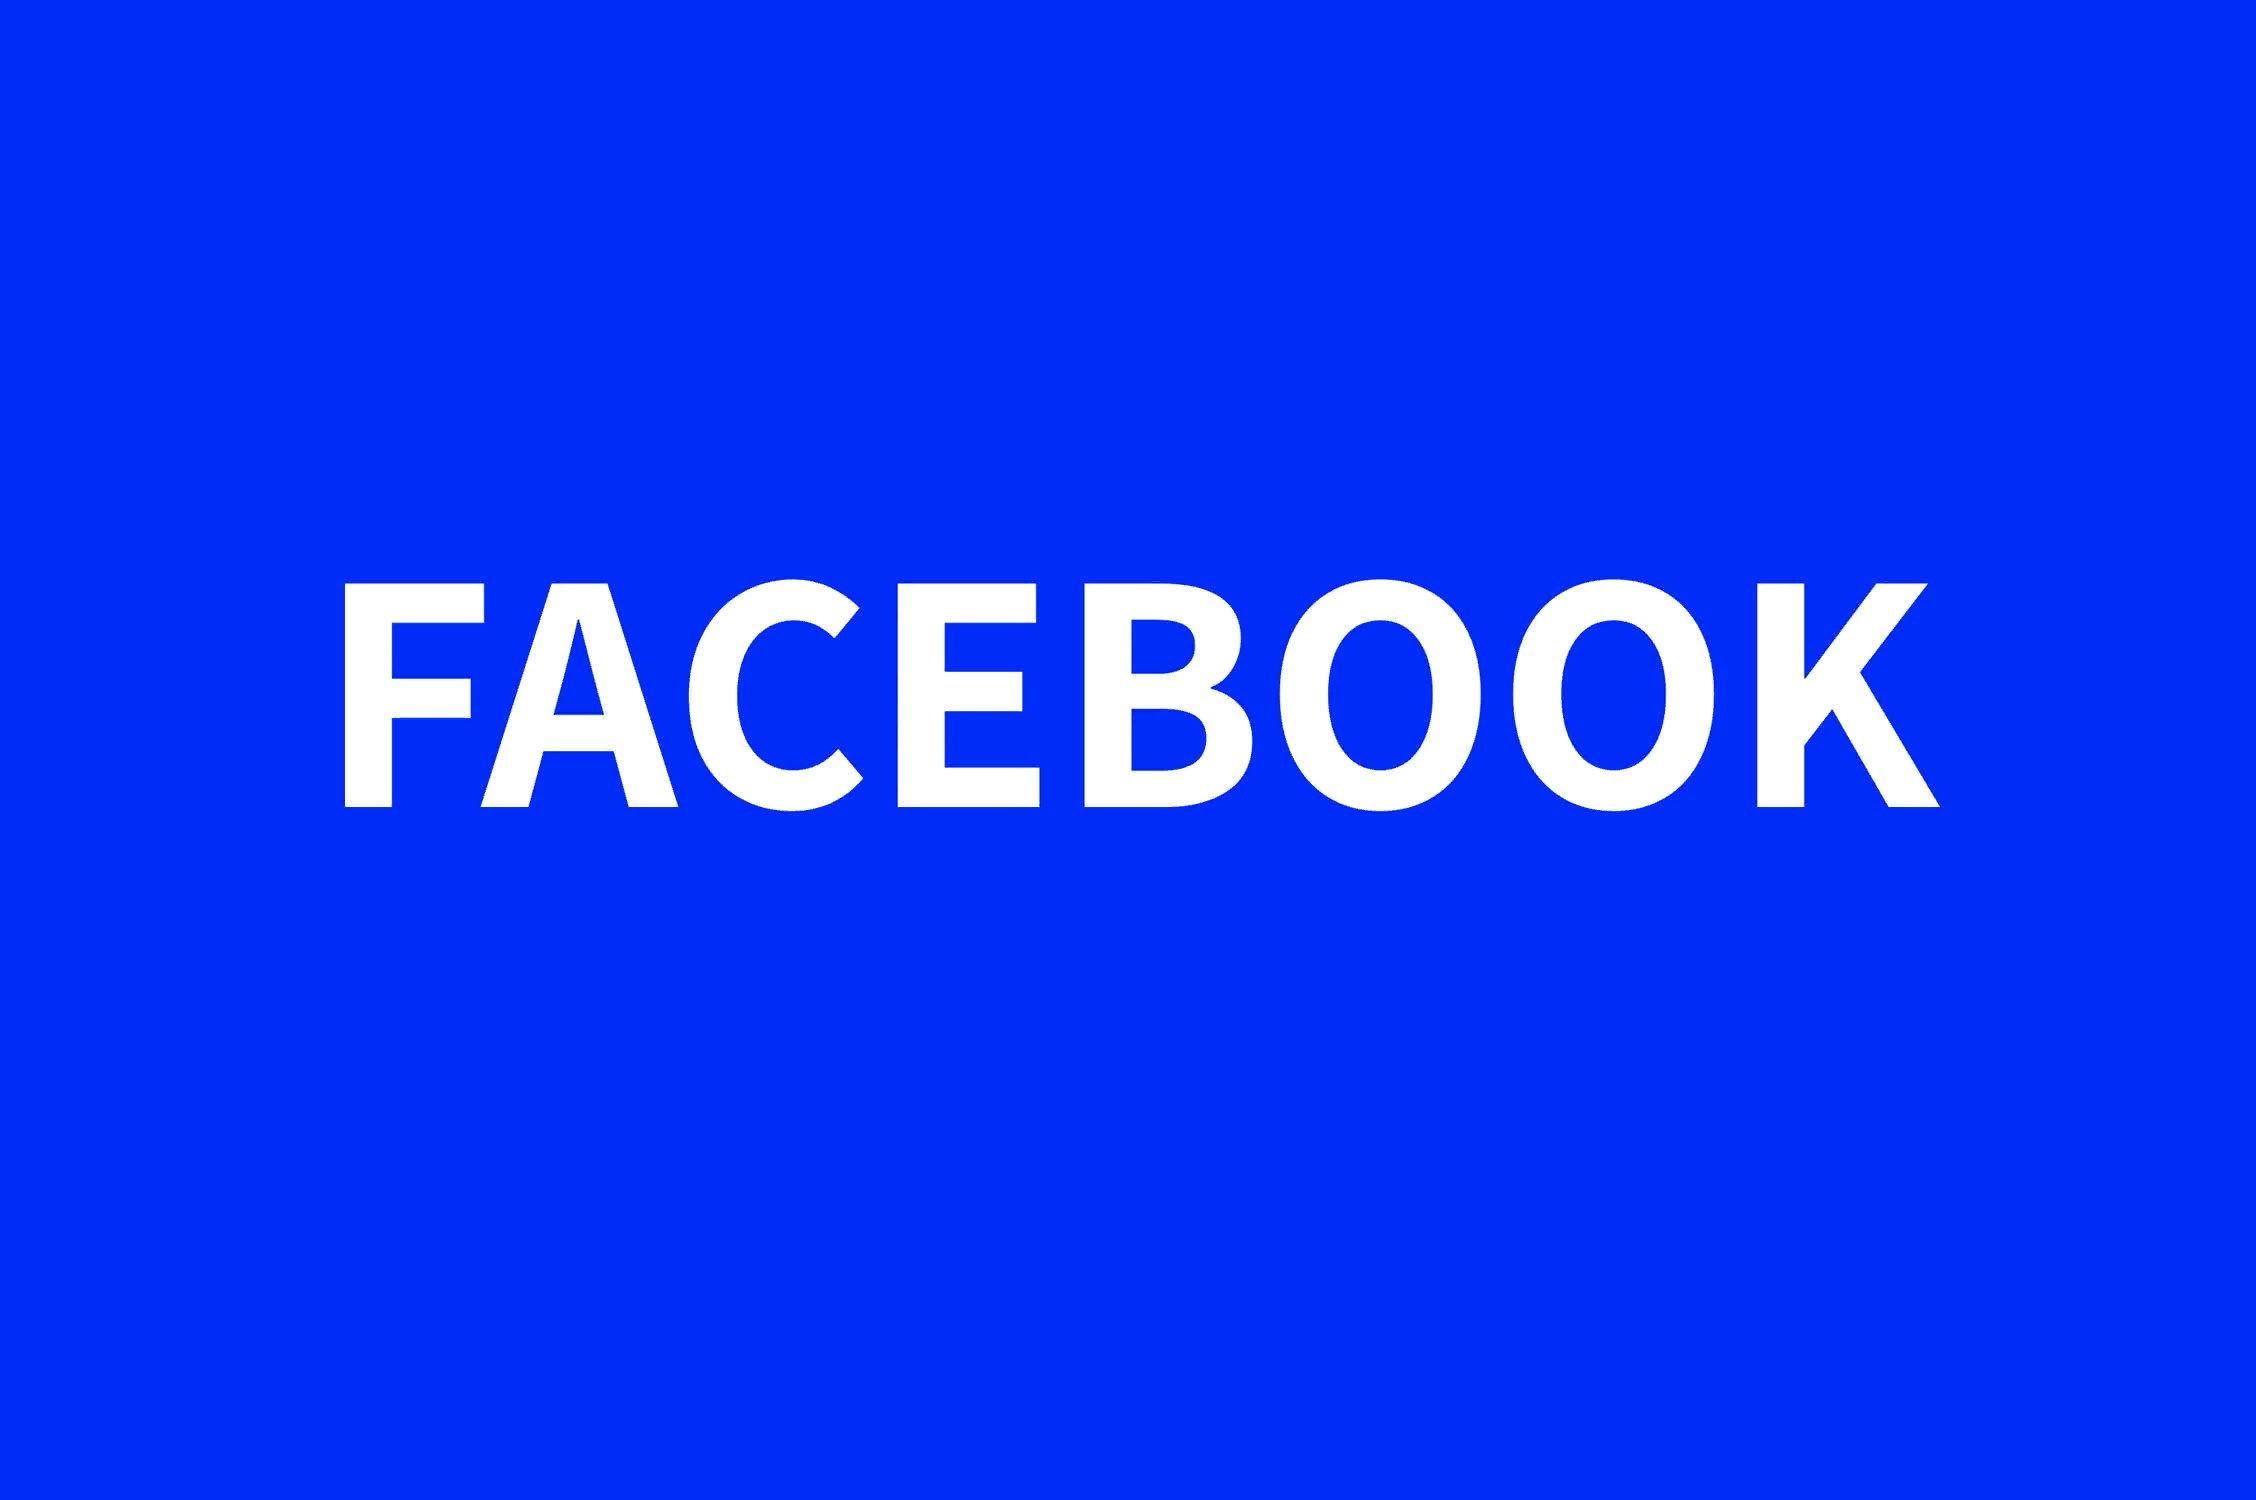 Facebook, ana uygulamasında sesli ve görüntülü görüşme yapılmasına imkan tanıyan bir özelliği test etmeye başladı. Bu özellik, Messenger'ın bypass edilmesine yol açacak gibi görünüyor.